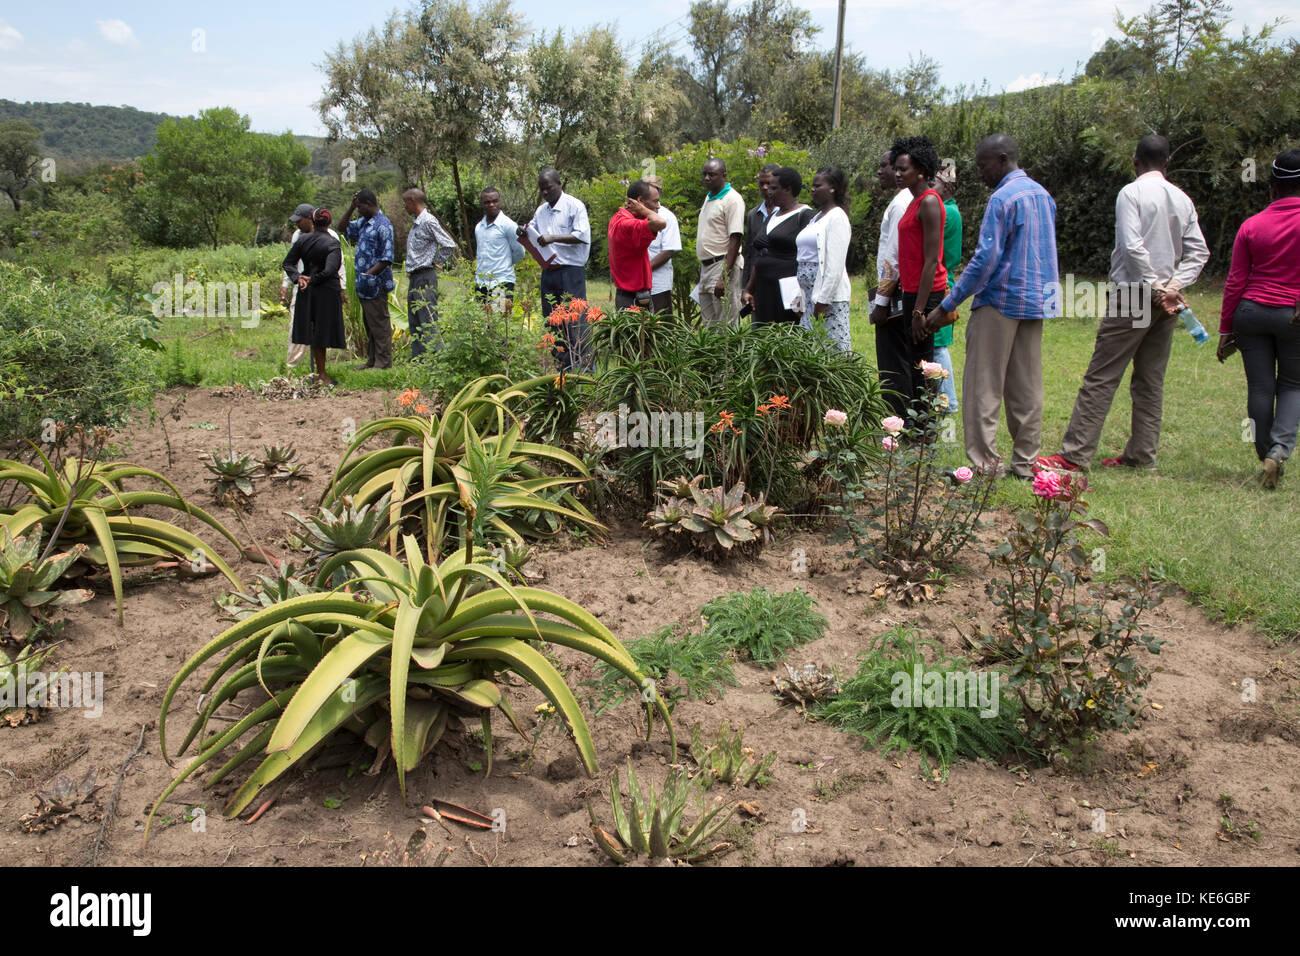 Afrikanische Besuchslehrerinnen Kräutergarten mit Heilpflanzen zu machen traditionelle Medizin Afrika Kenia Stockbild